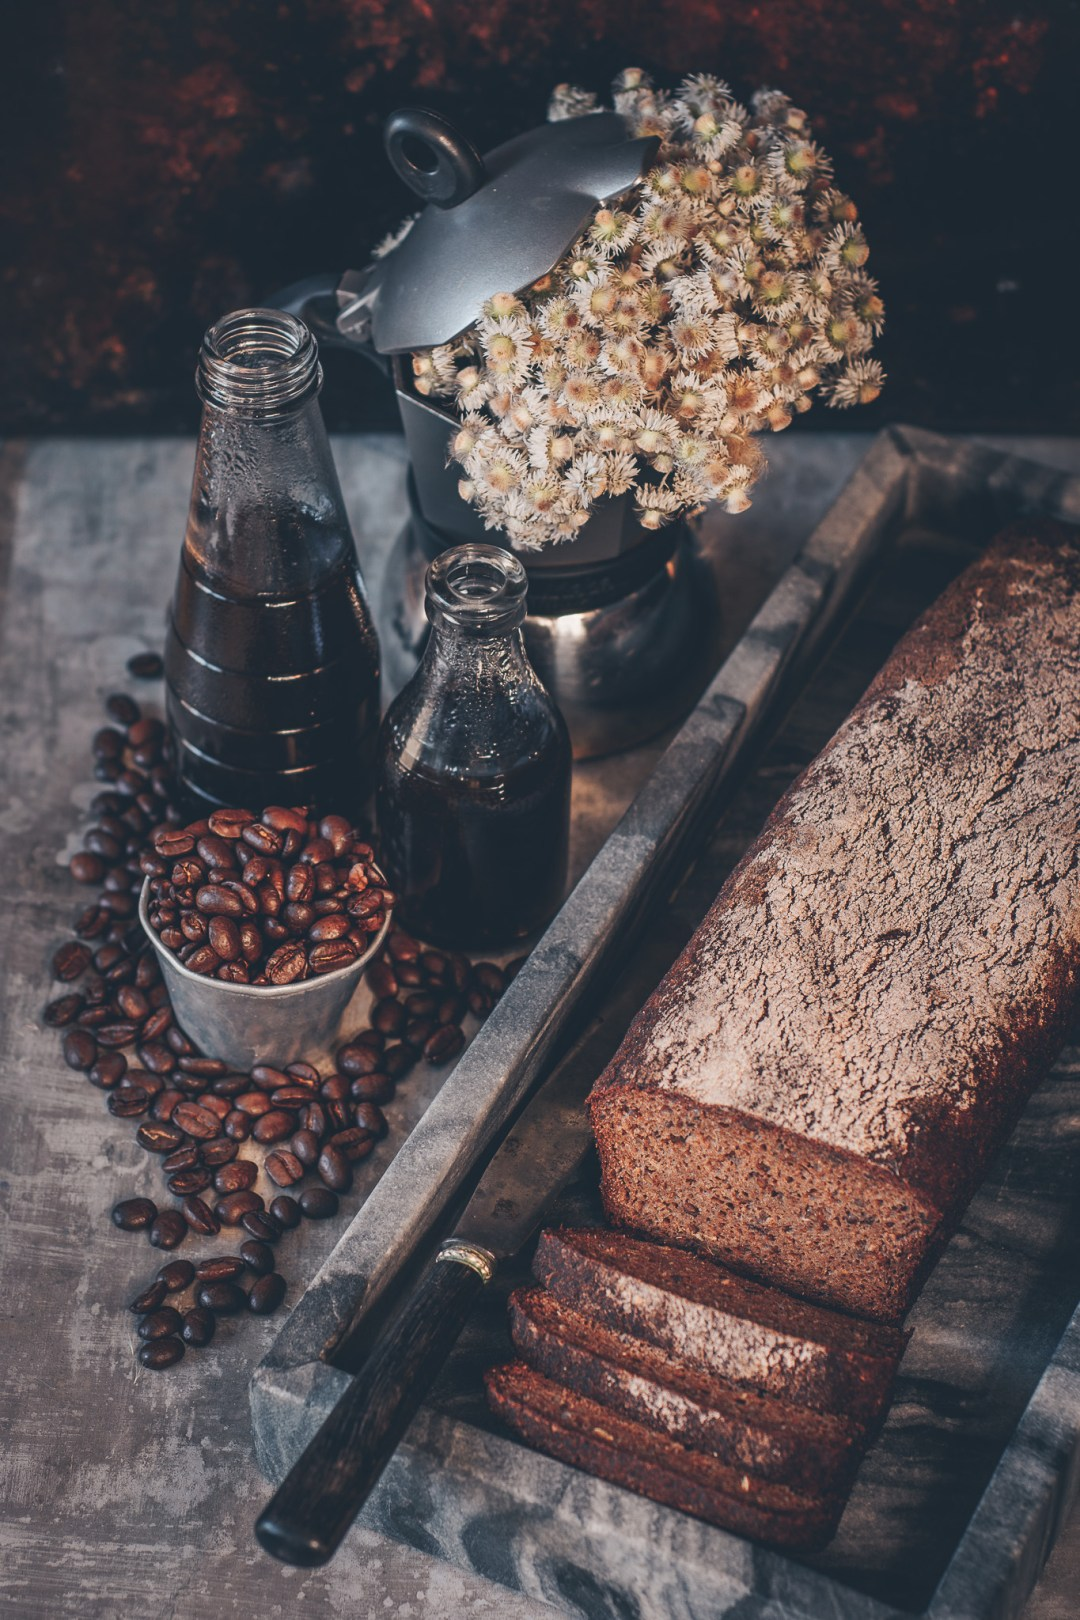 glutenfri kavring med smak av kaffe